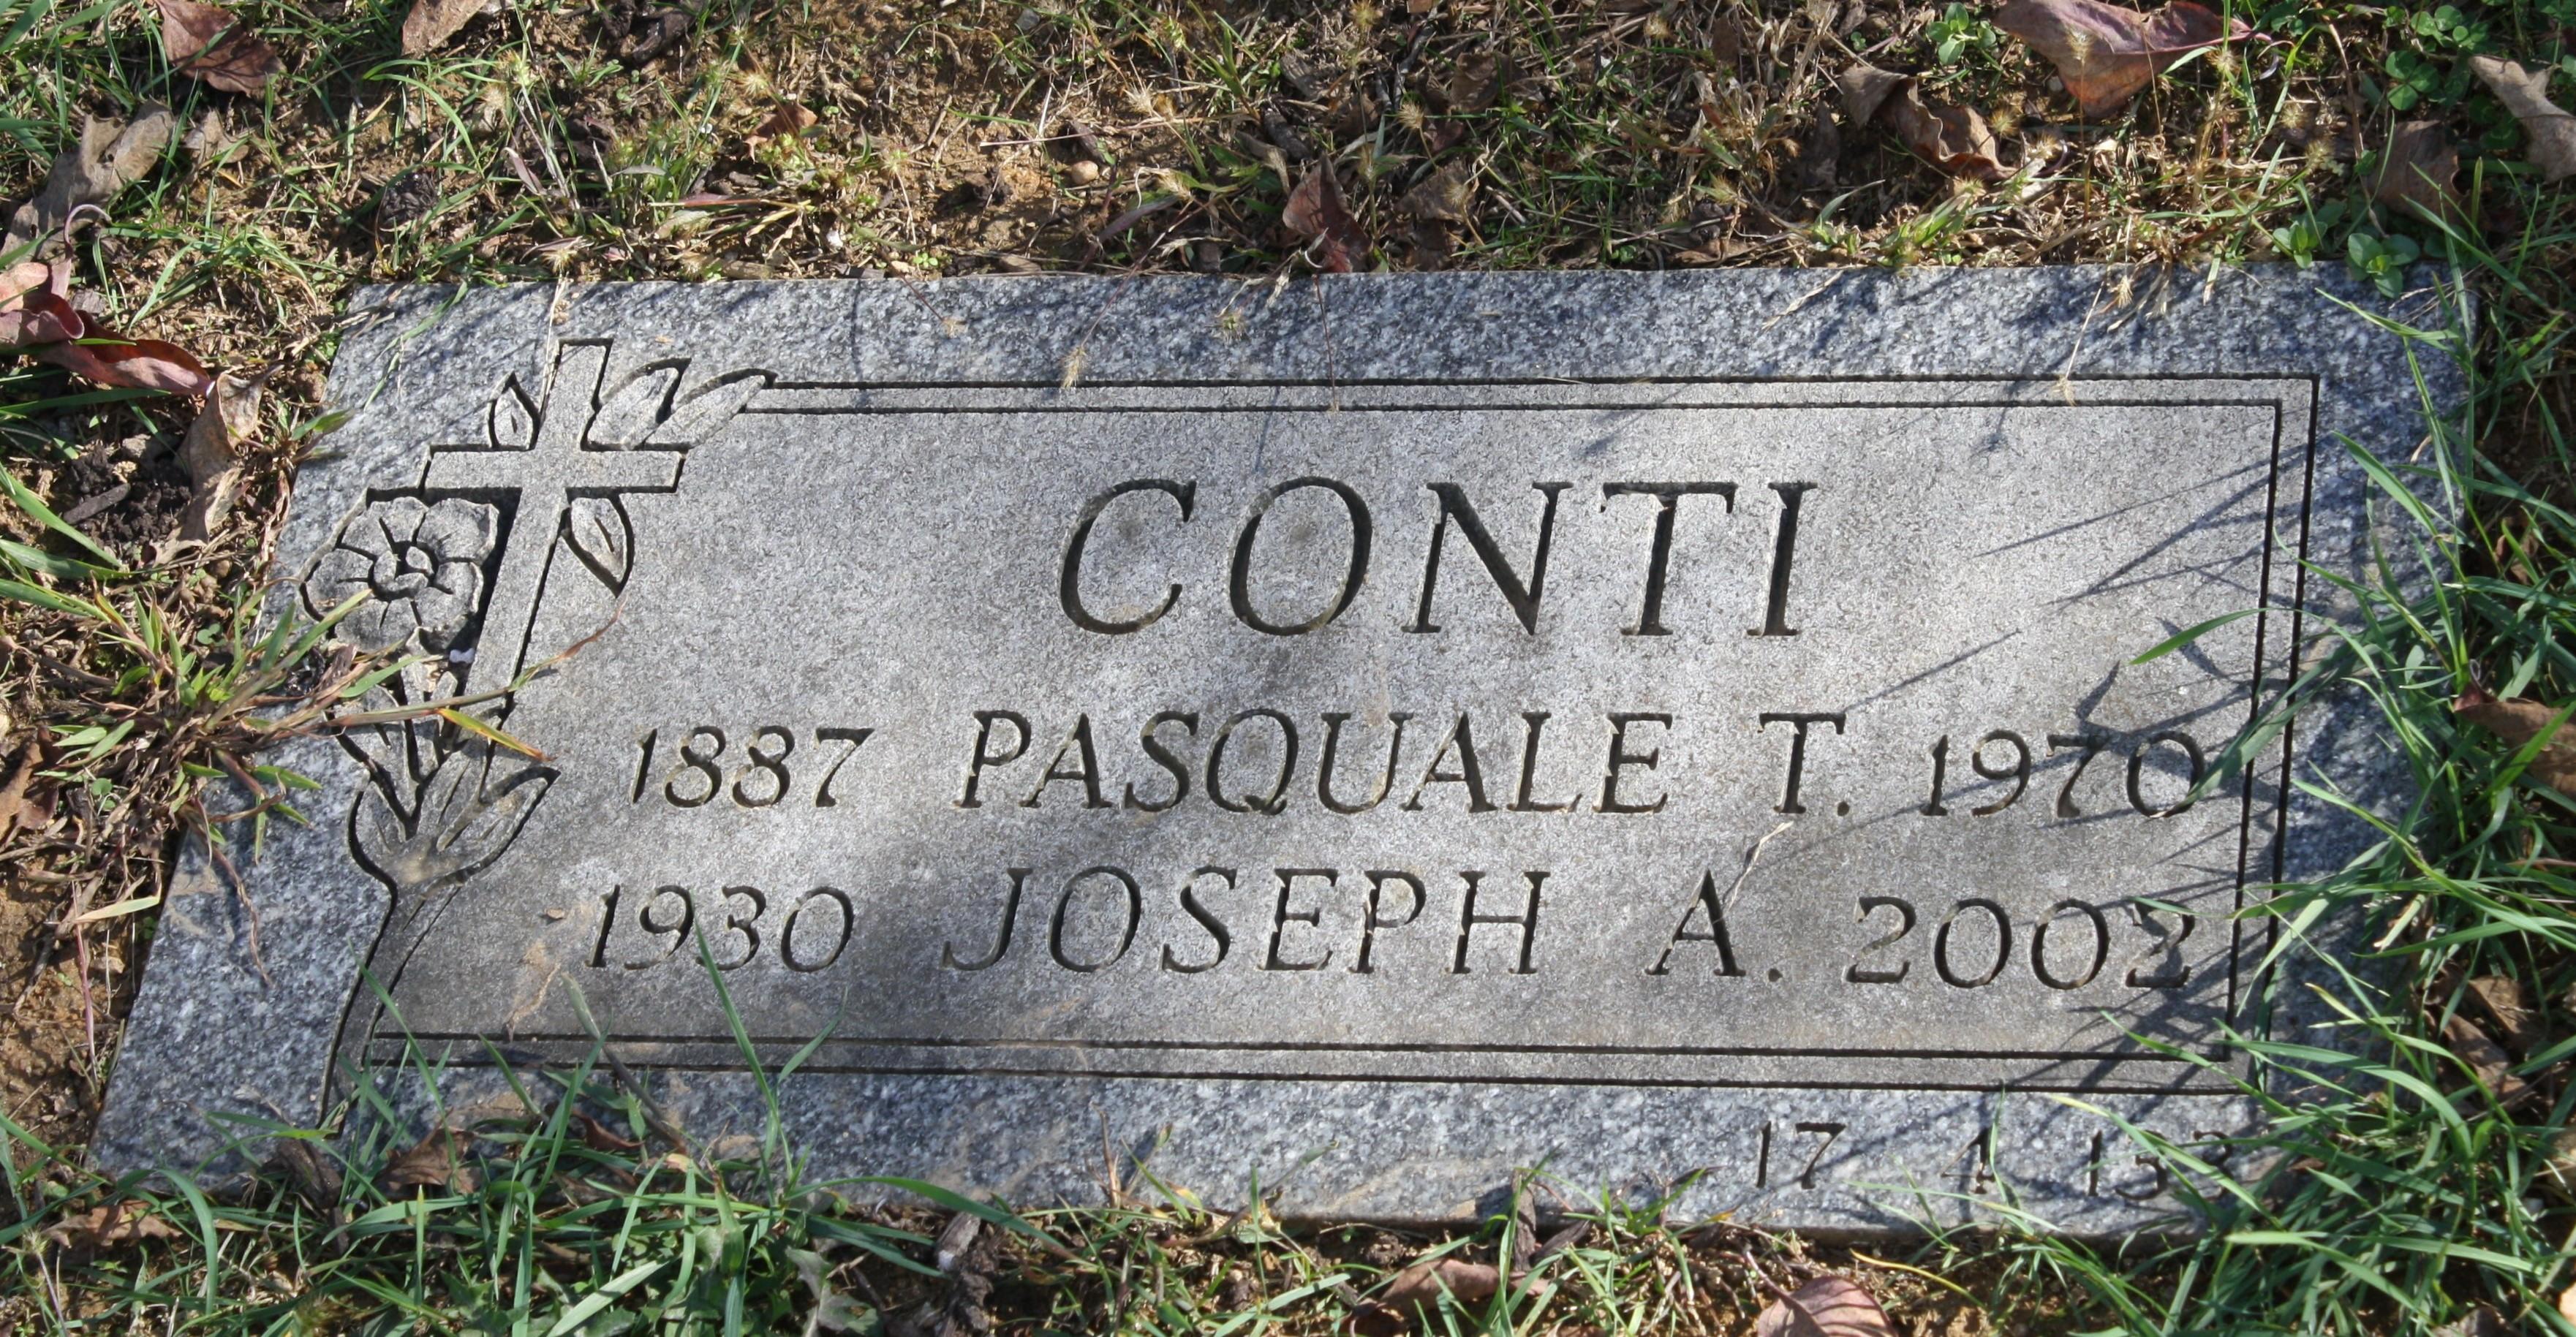 Pasquale Bova Conti